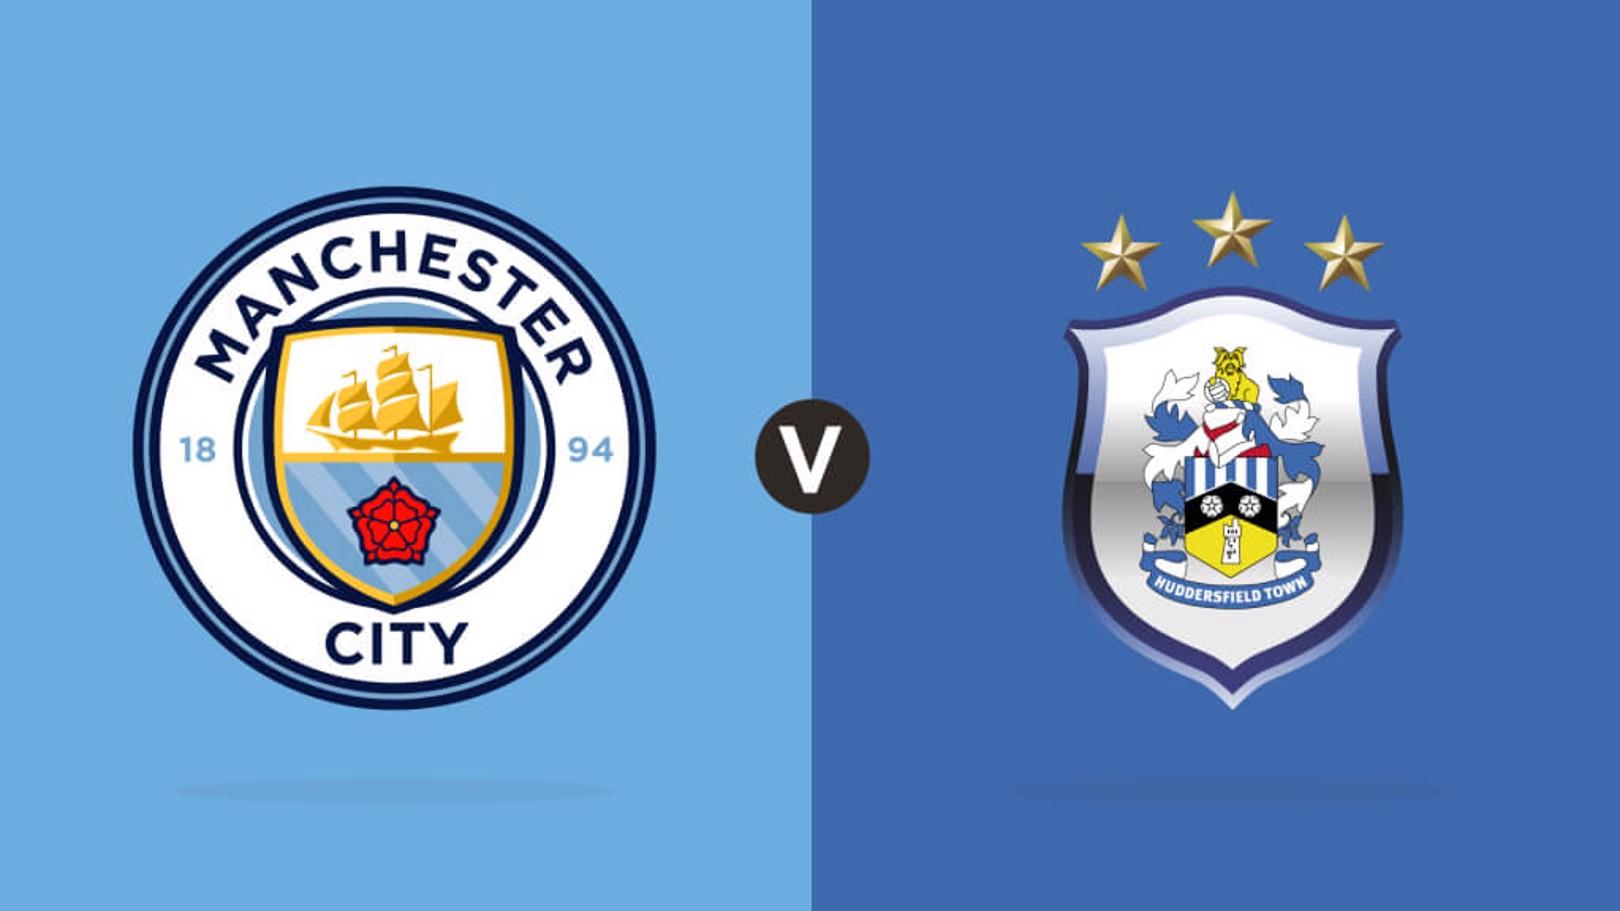 City v Huddersfield